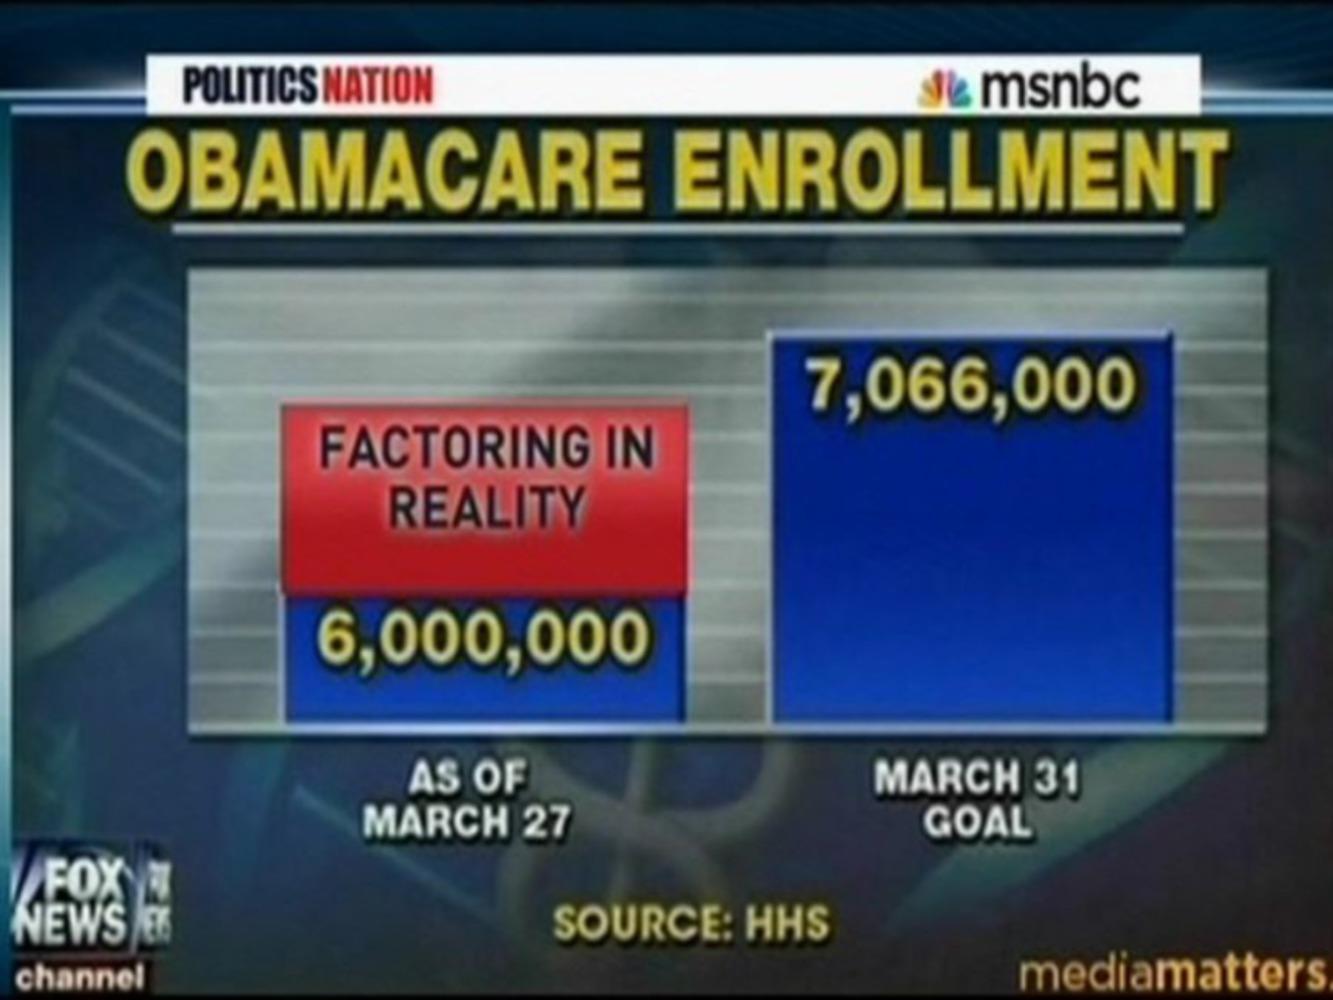 Politicsnation chart resize.thumb